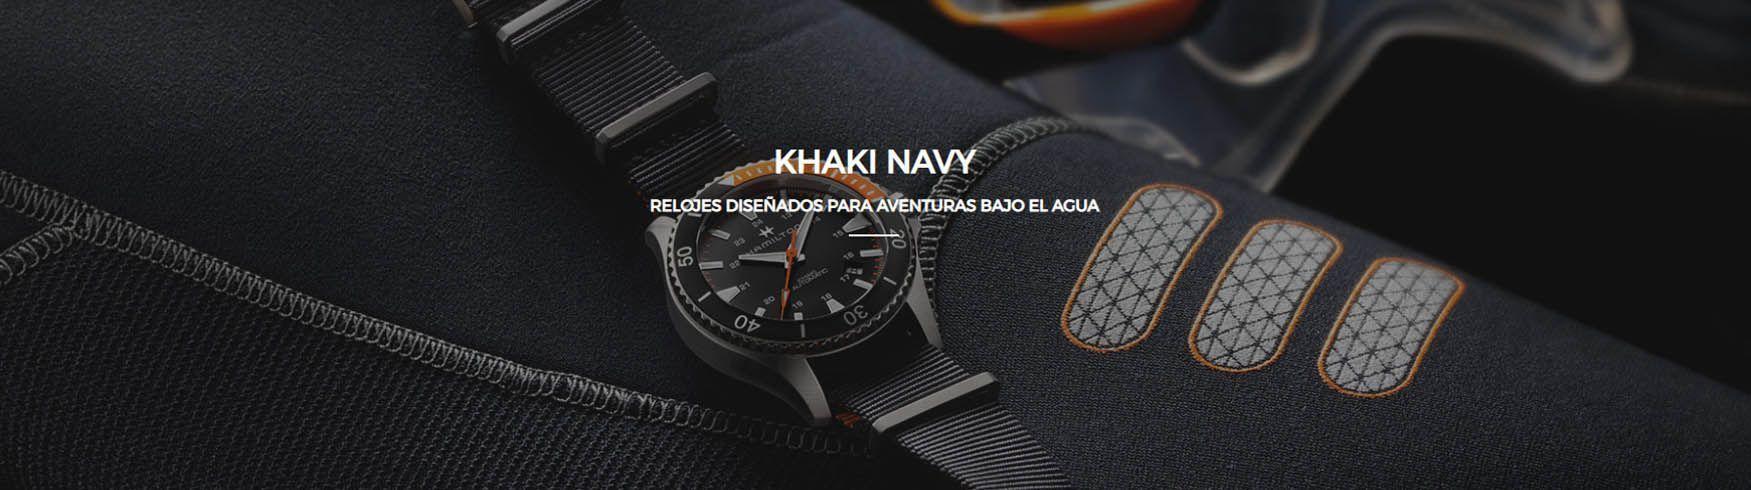 Eslogan Khaki Navy